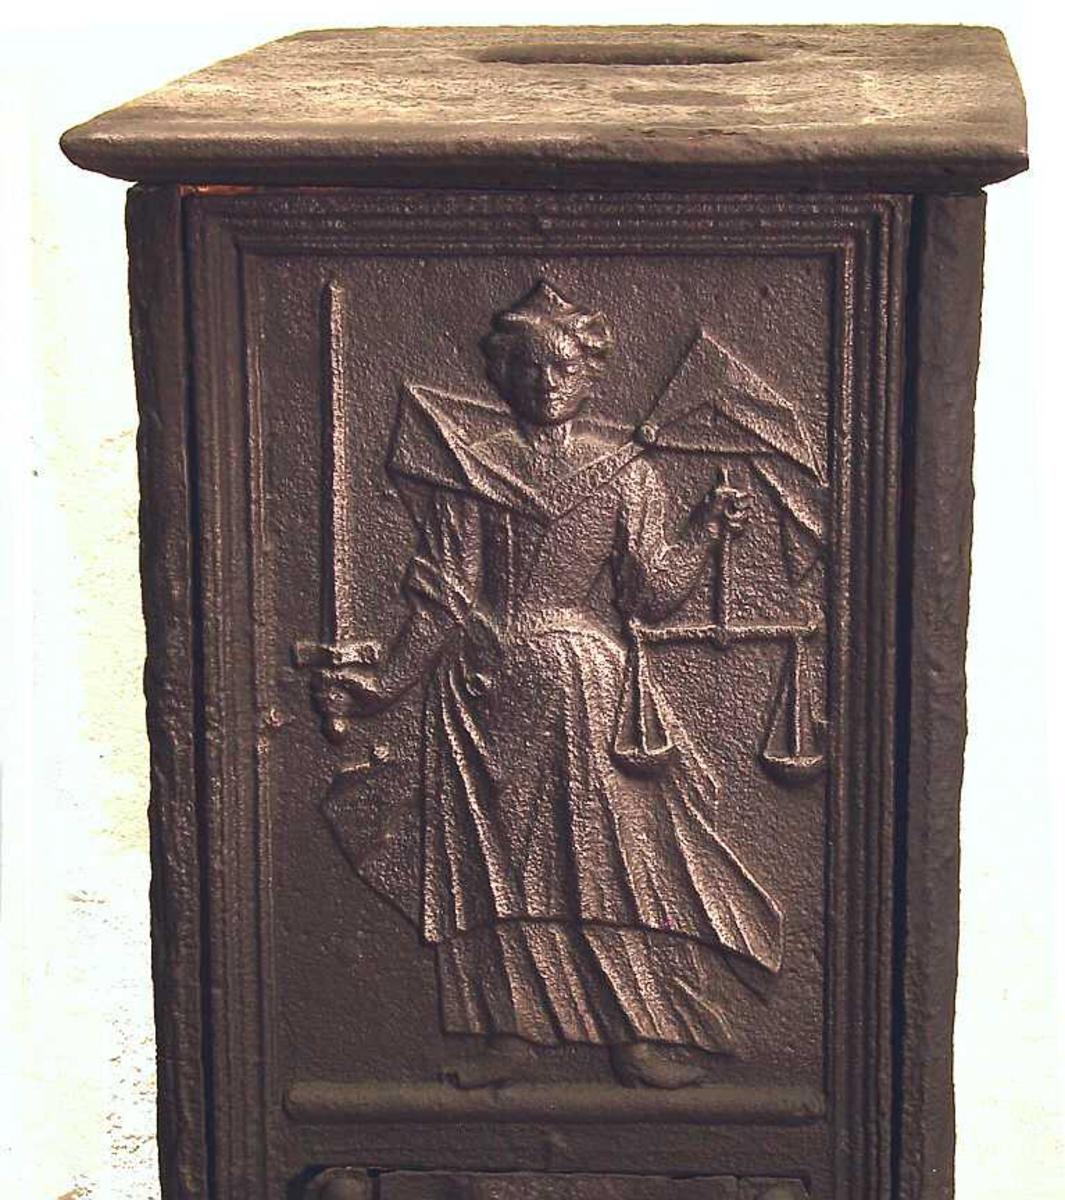 Langsider med   St. Hallvard sittende som kvinne,  kvinnen liggende som ridder i rustning, faste skinner med   laurbærblader.  Kortside med Justitia/Rettferdigheten m/  sverd og vekt øverst,  nederst kartusj hvori   NES WERCK 1748.